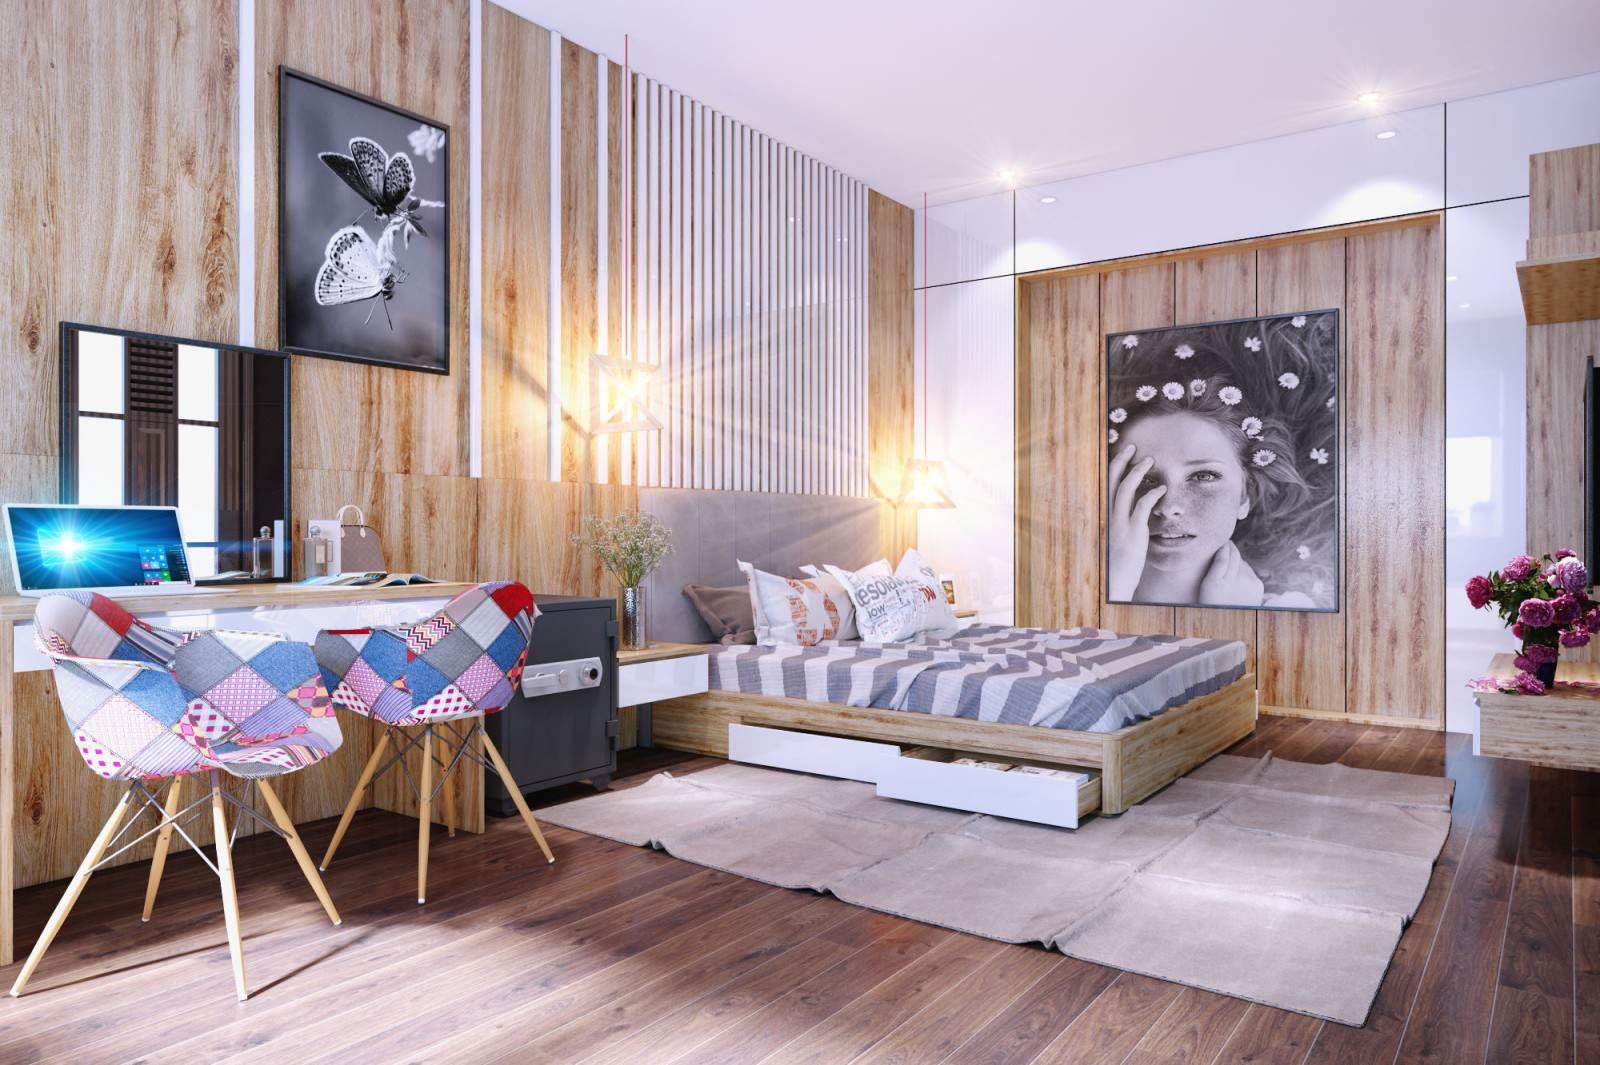 Mẫu phòng ngủ đẹp với thiết kế độc đáo mới lạ